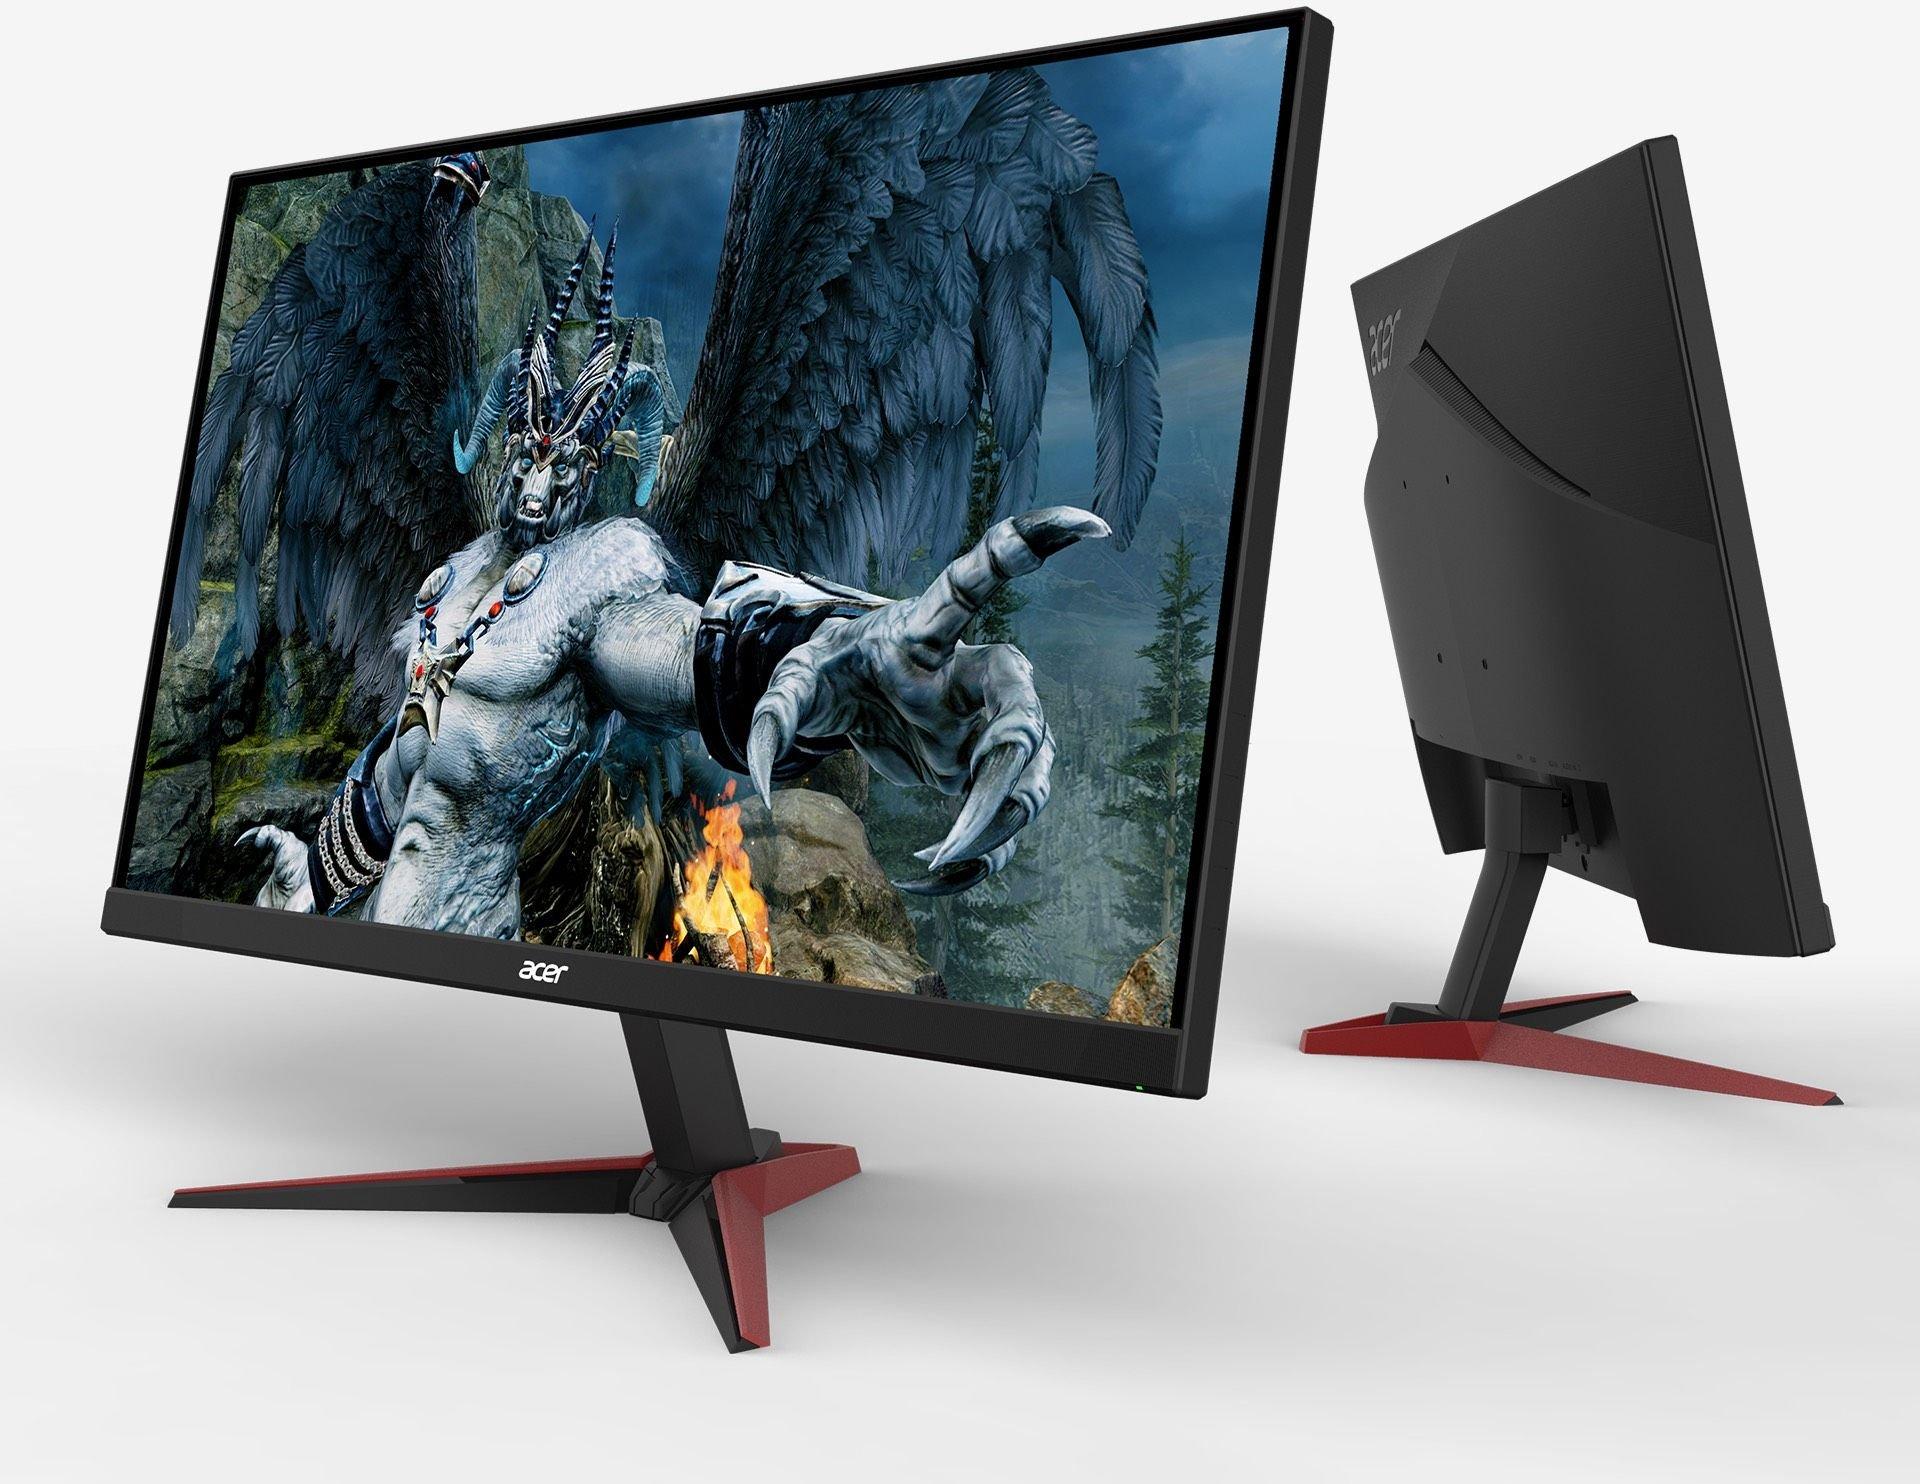 Monitor Acer Nitro VG240Ybmiix (IPS, FullHD, ZeroFrame) @Morele